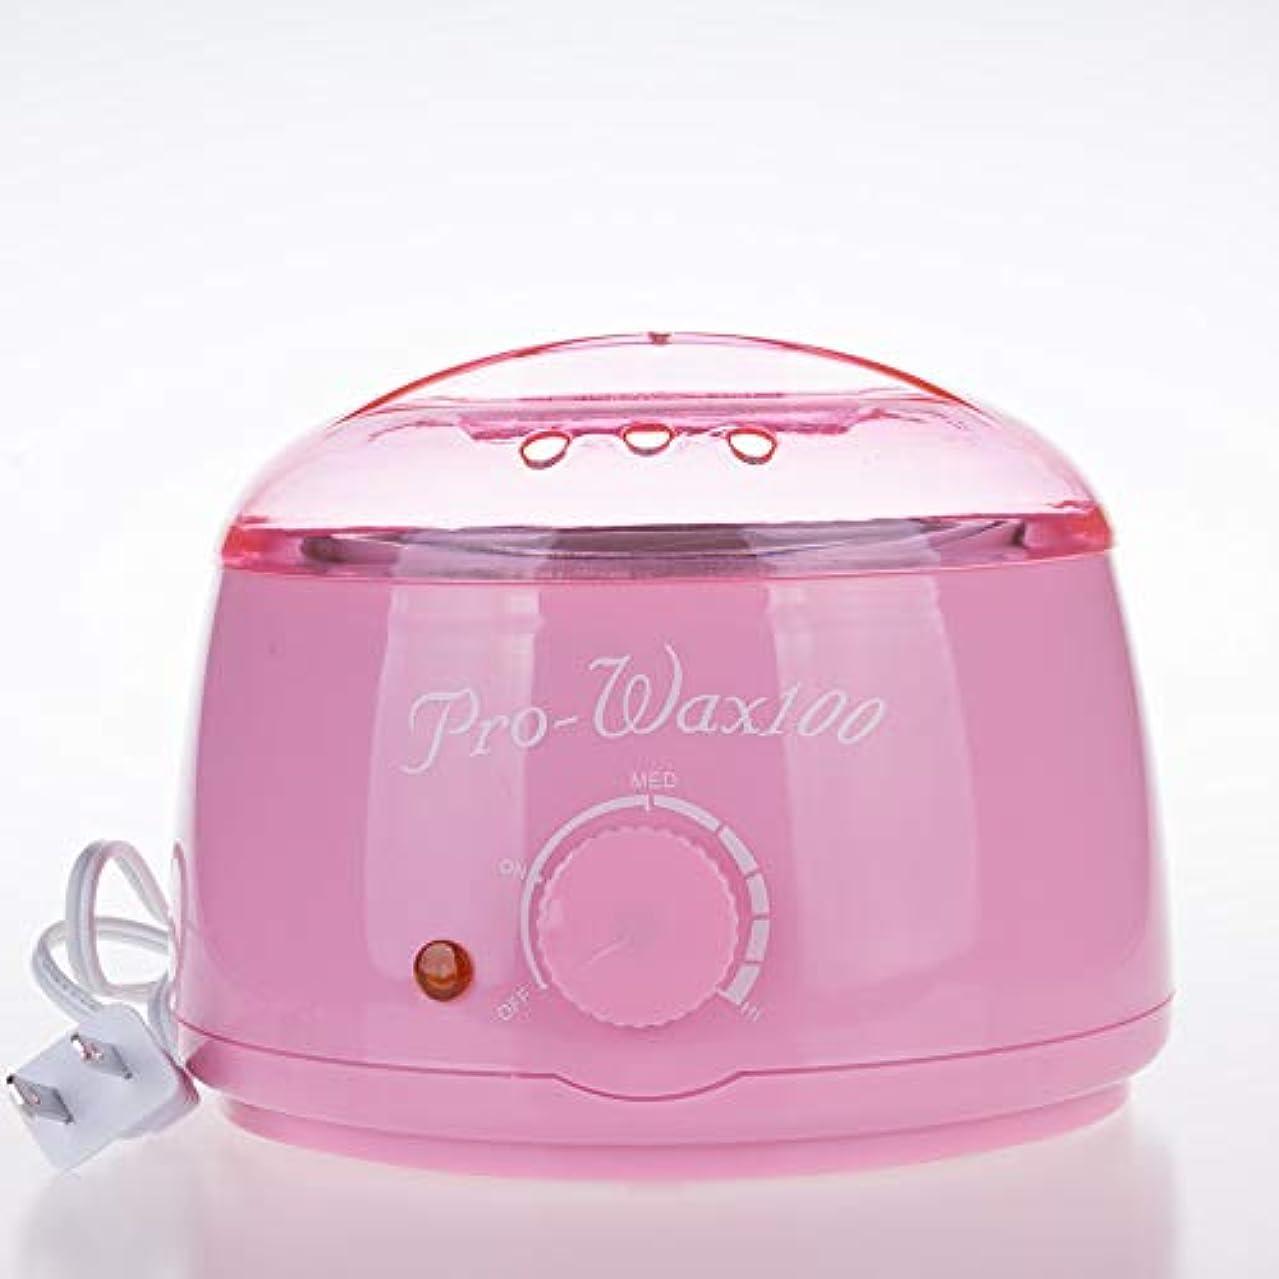 ペダル治世永遠にワックスウォーマー、フェイシャル&ビキニエリア&脇の下用ポータブル電気脱毛キット-温かい電気ワックスヒーター、美容用ワックス、,ピンク